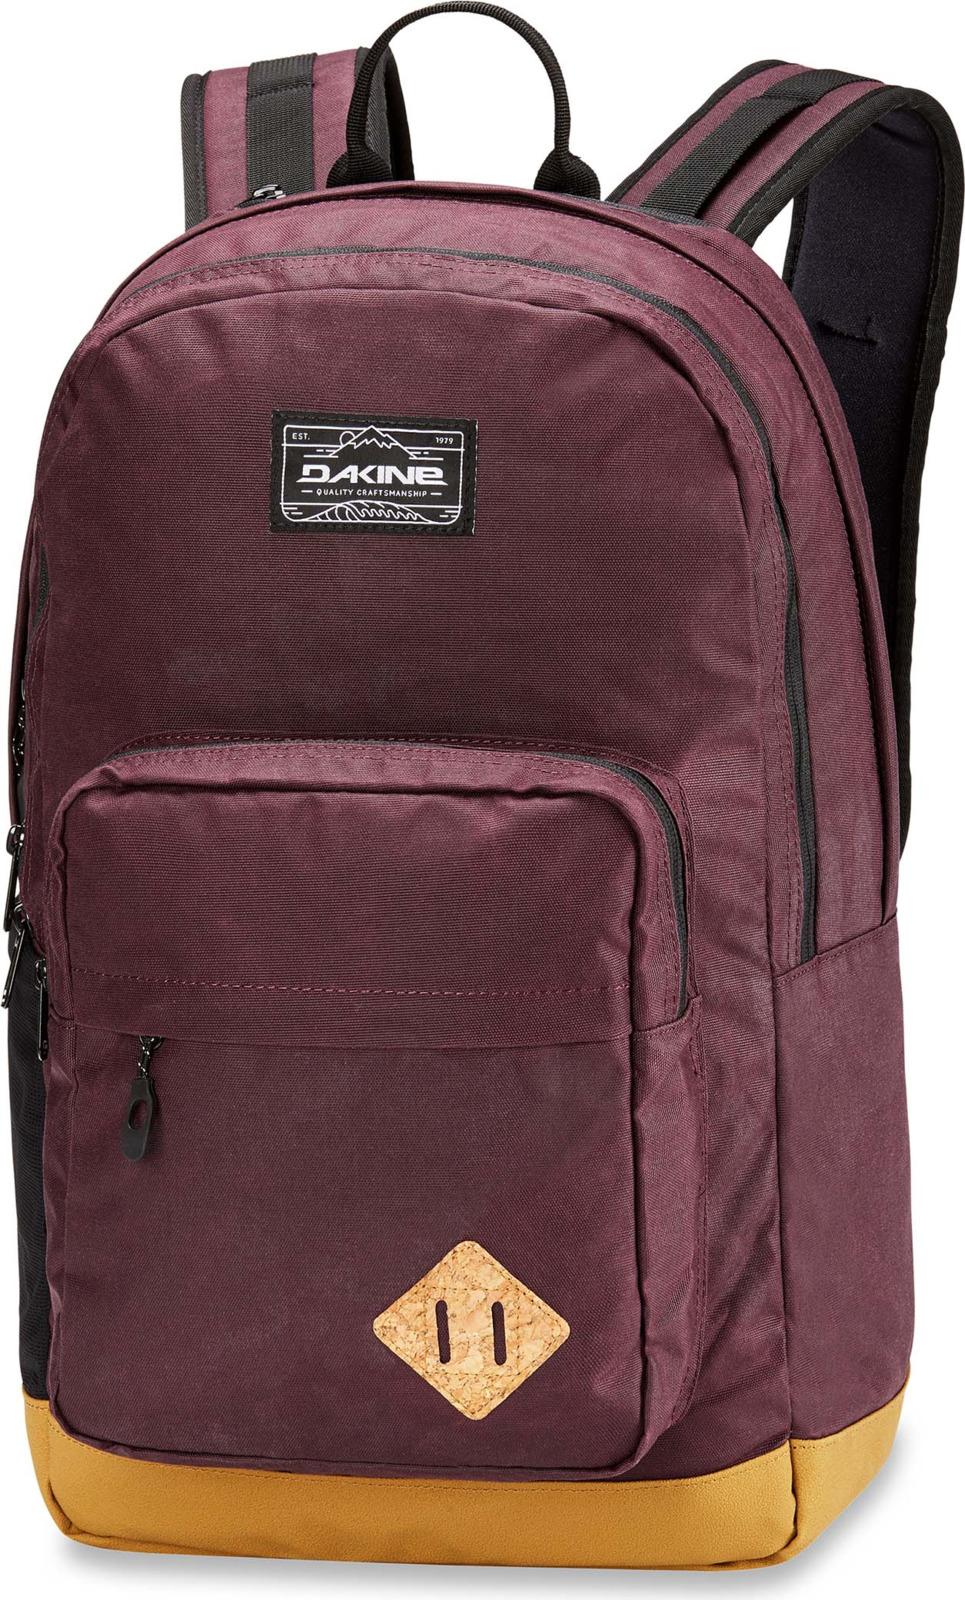 Рюкзак Dakine 365 Pack Dlx, цвет: бордовый, 27 л alfa подвесной светильник alfa marta 15342